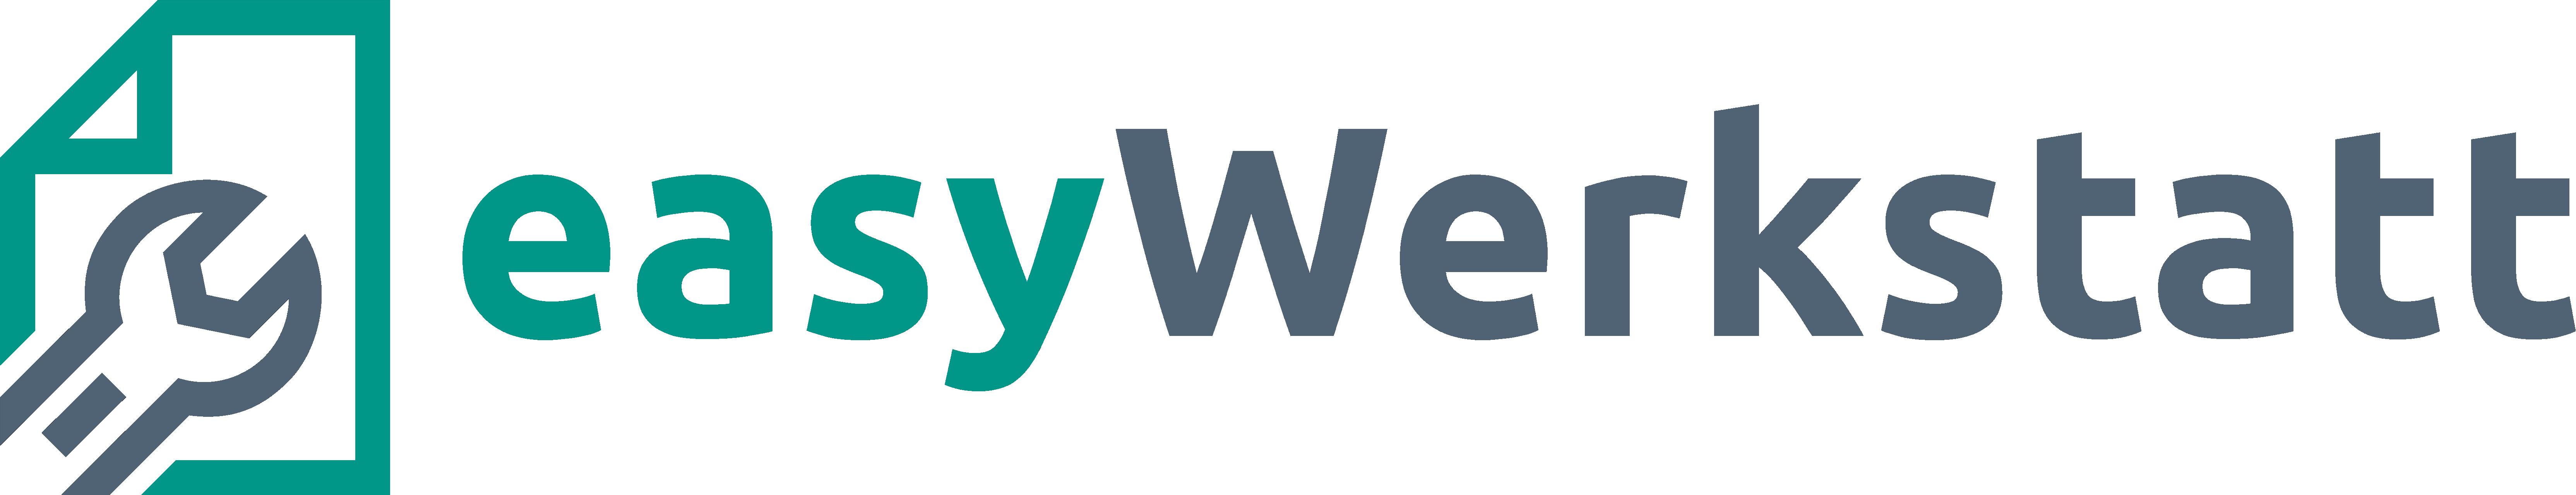 easyWerkstatt Logo